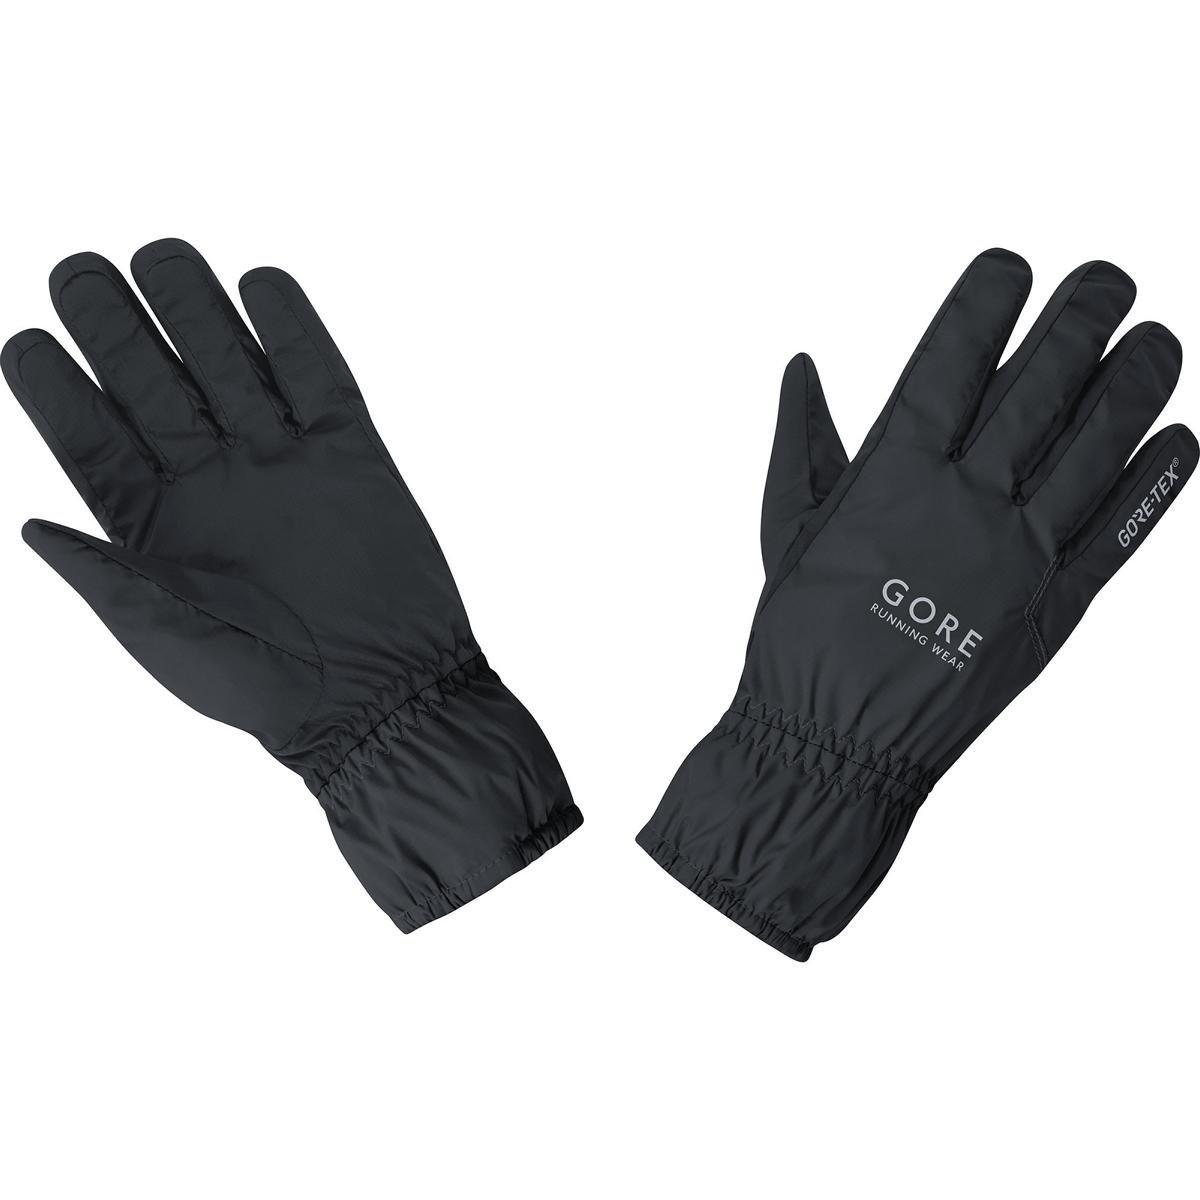 Gore Essential Gore Tex Running Gloves - SS17 - 6 GGESSE990004